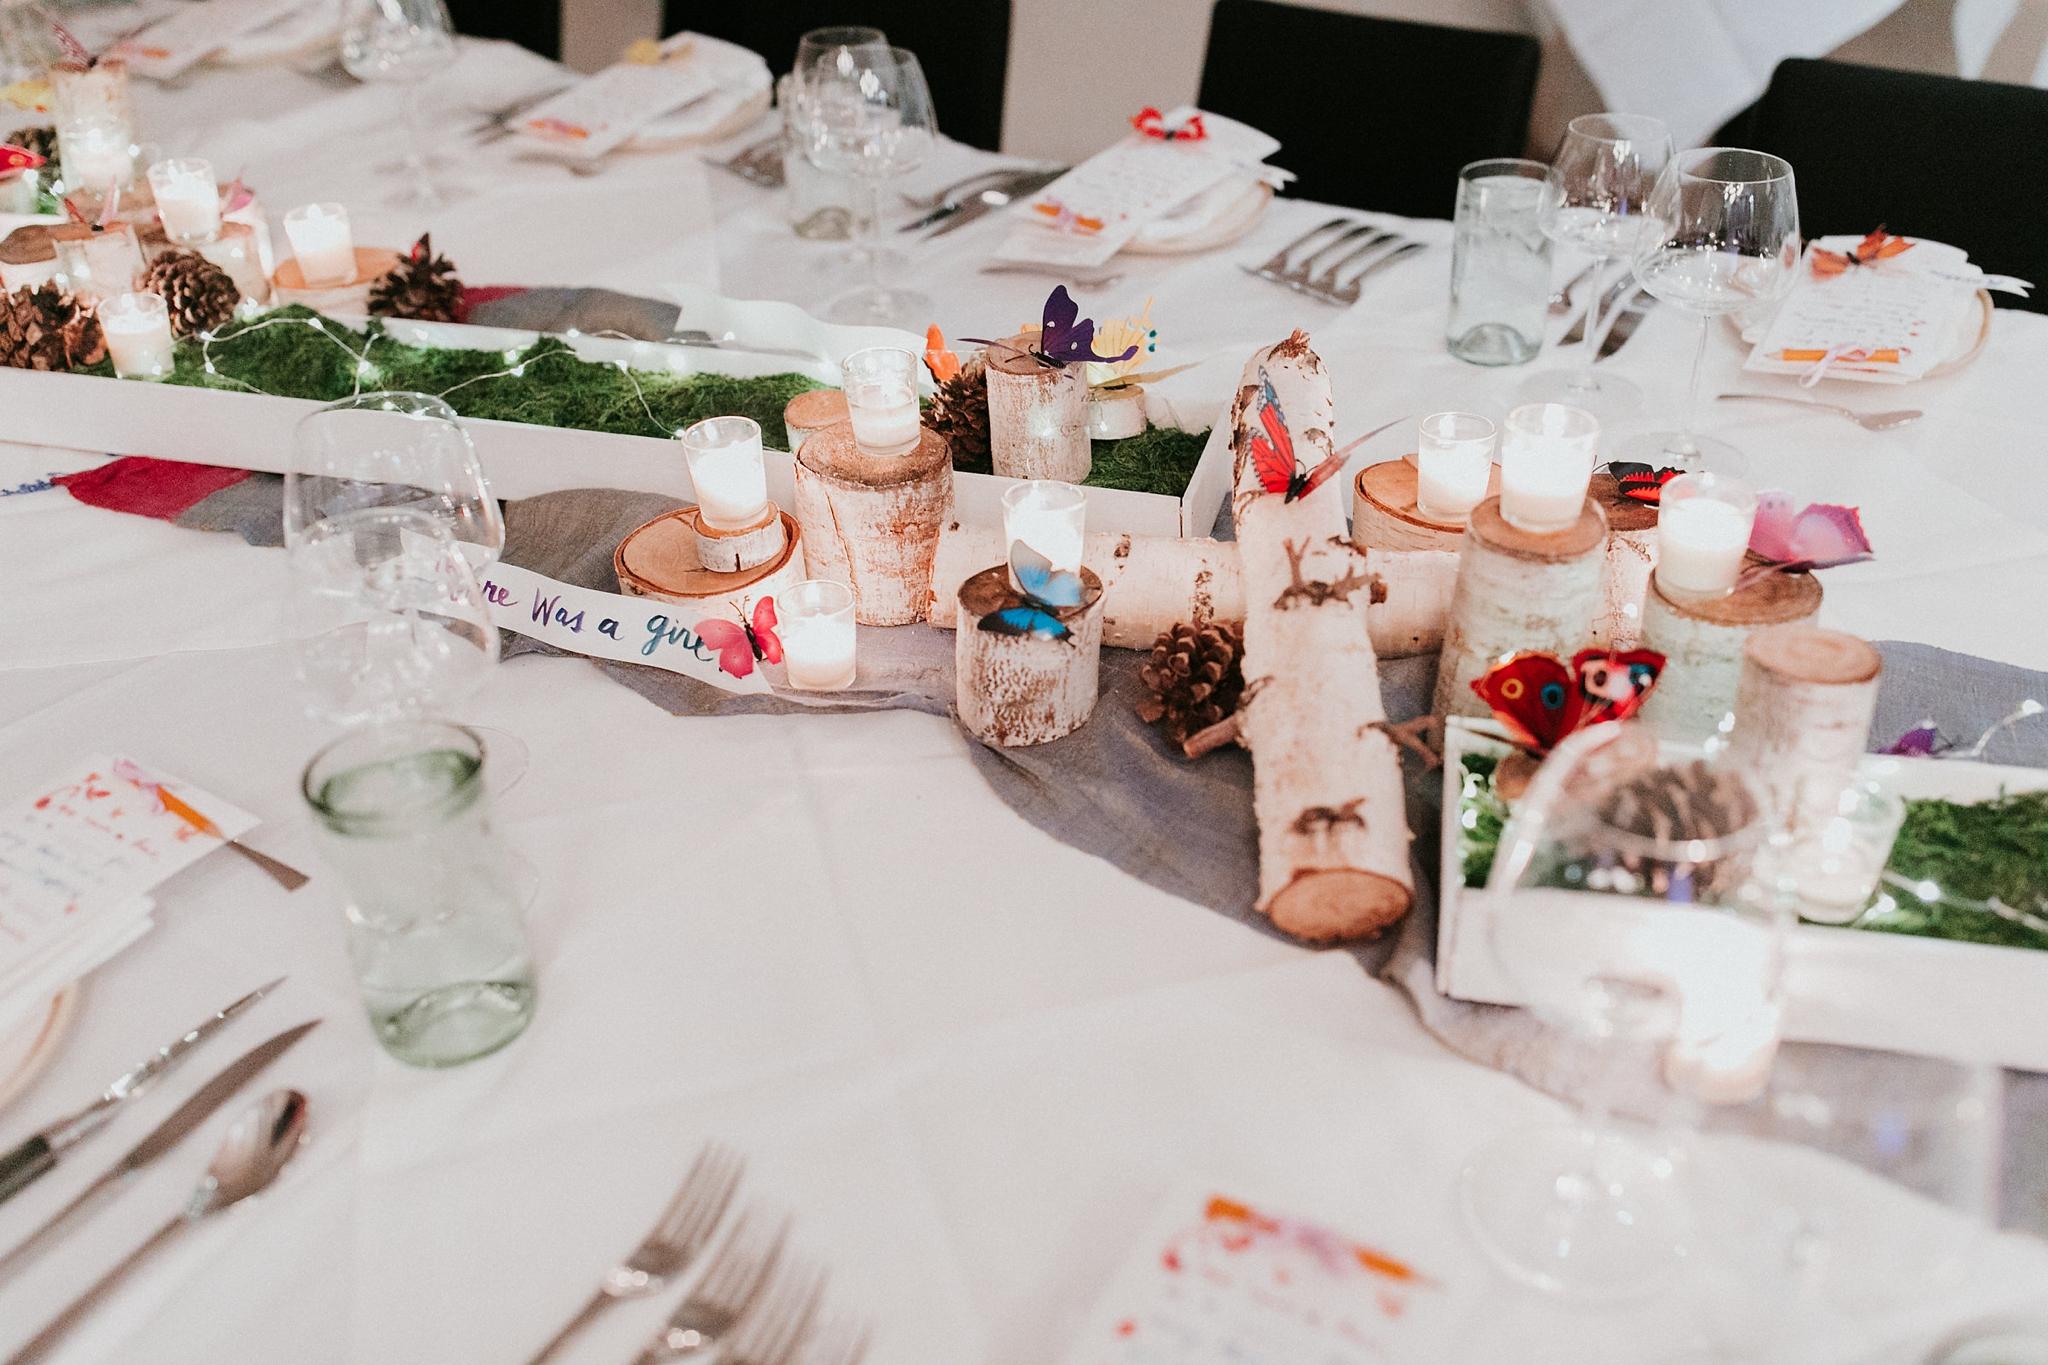 Alicia+lucia+photography+-+albuquerque+wedding+photographer+-+santa+fe+wedding+photography+-+new+mexico+wedding+photographer+-+new+mexico+wedding+-+wedding+-+winter+wedding+-+wedding+reception+-+winter+wedding+reception_0033.jpg